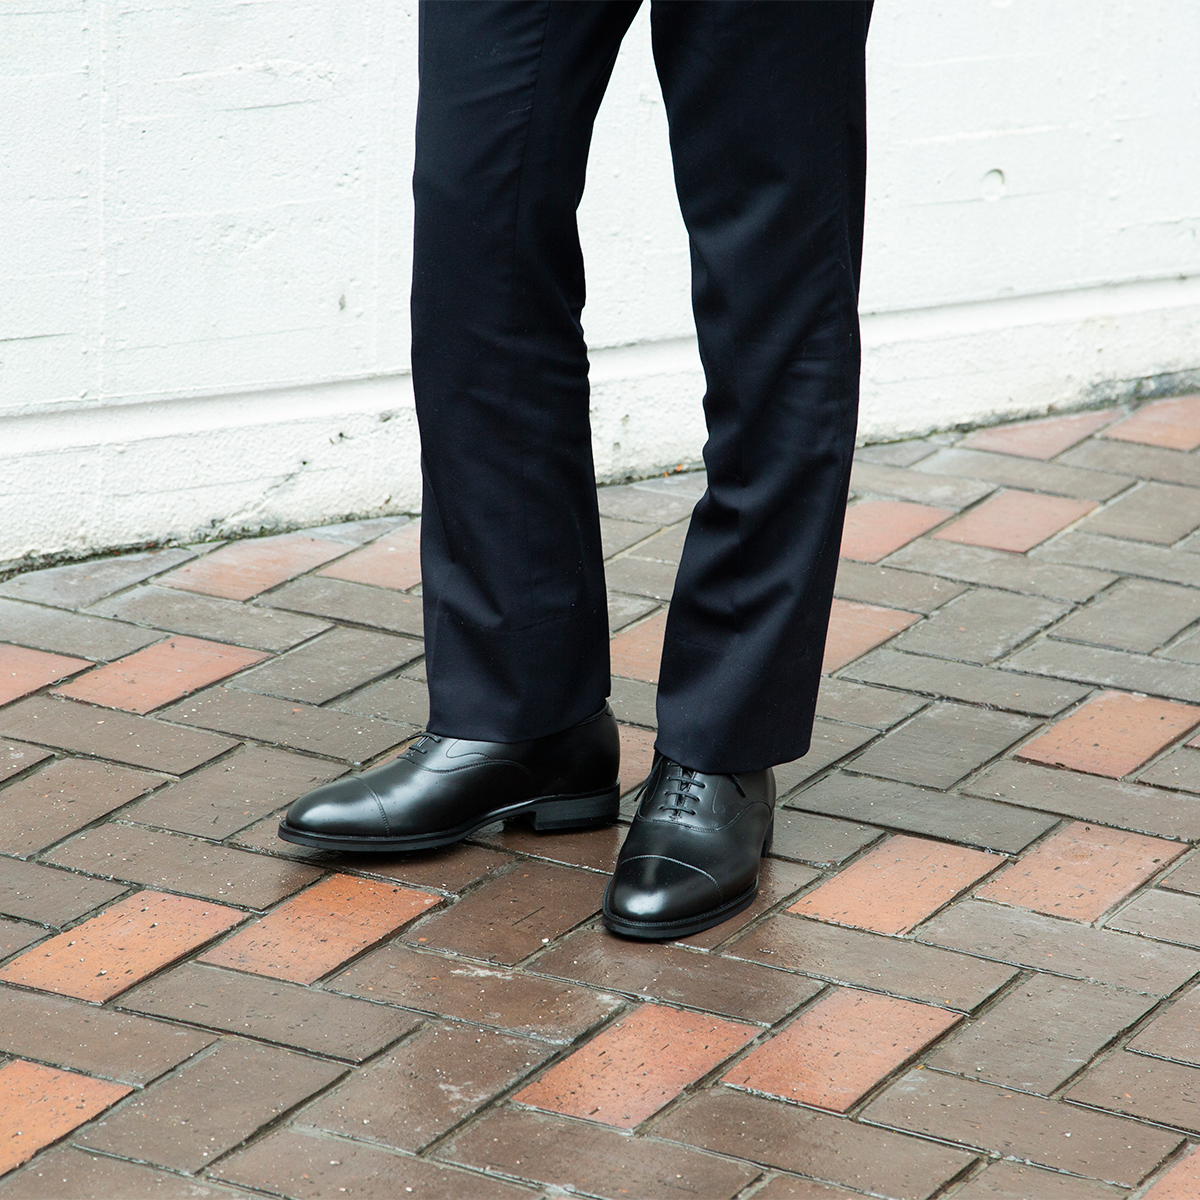 雨に強く、晴れてもスマートな足元。まるでストレートチップの革靴のような気品漂う「レインシューズ」|三陽山長